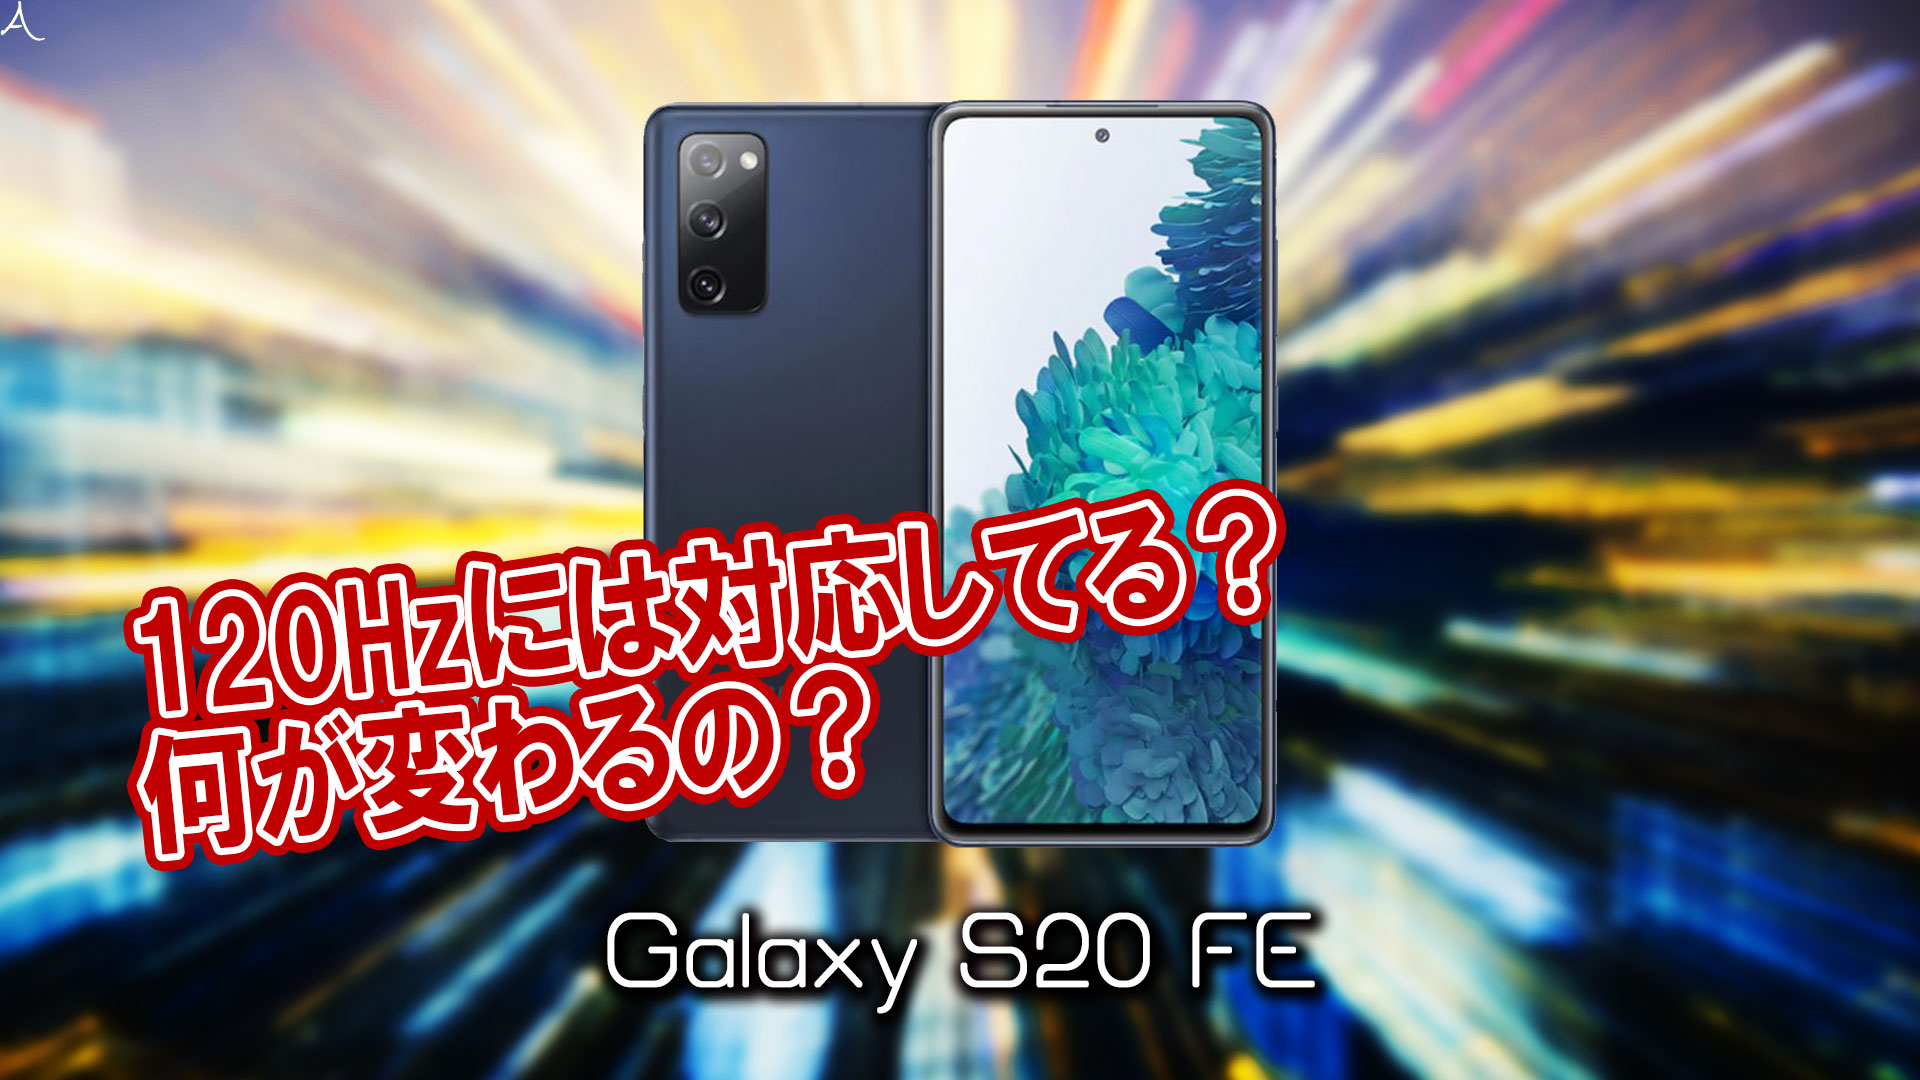 「Galaxy S20 FE」のリフレッシュレートはいくつ?120Hzには対応してる?